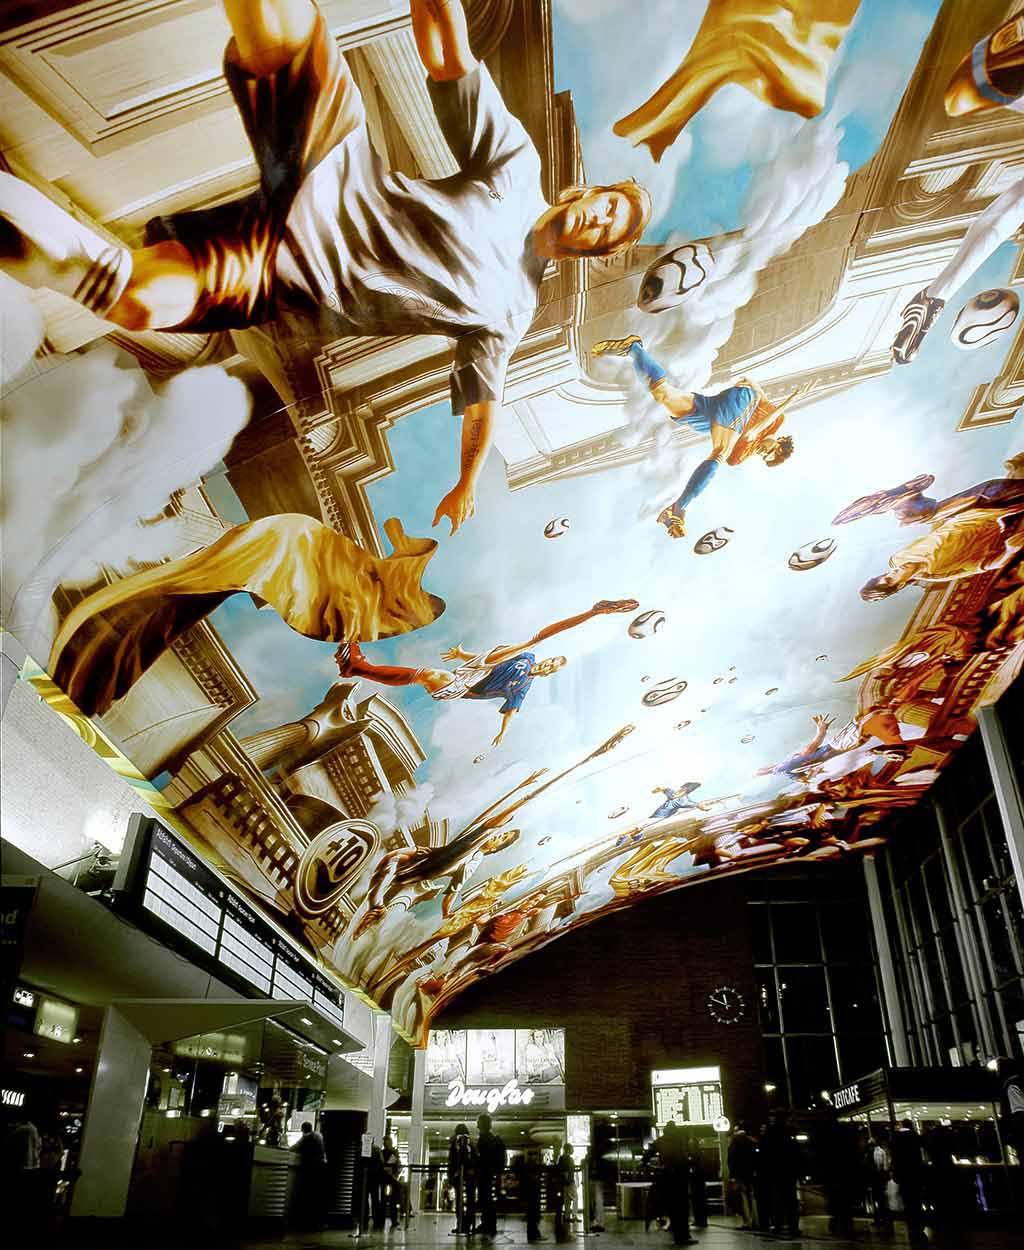 Adidas Fußball Fresco im Kölner Hauptbahnhof zur WM 2006